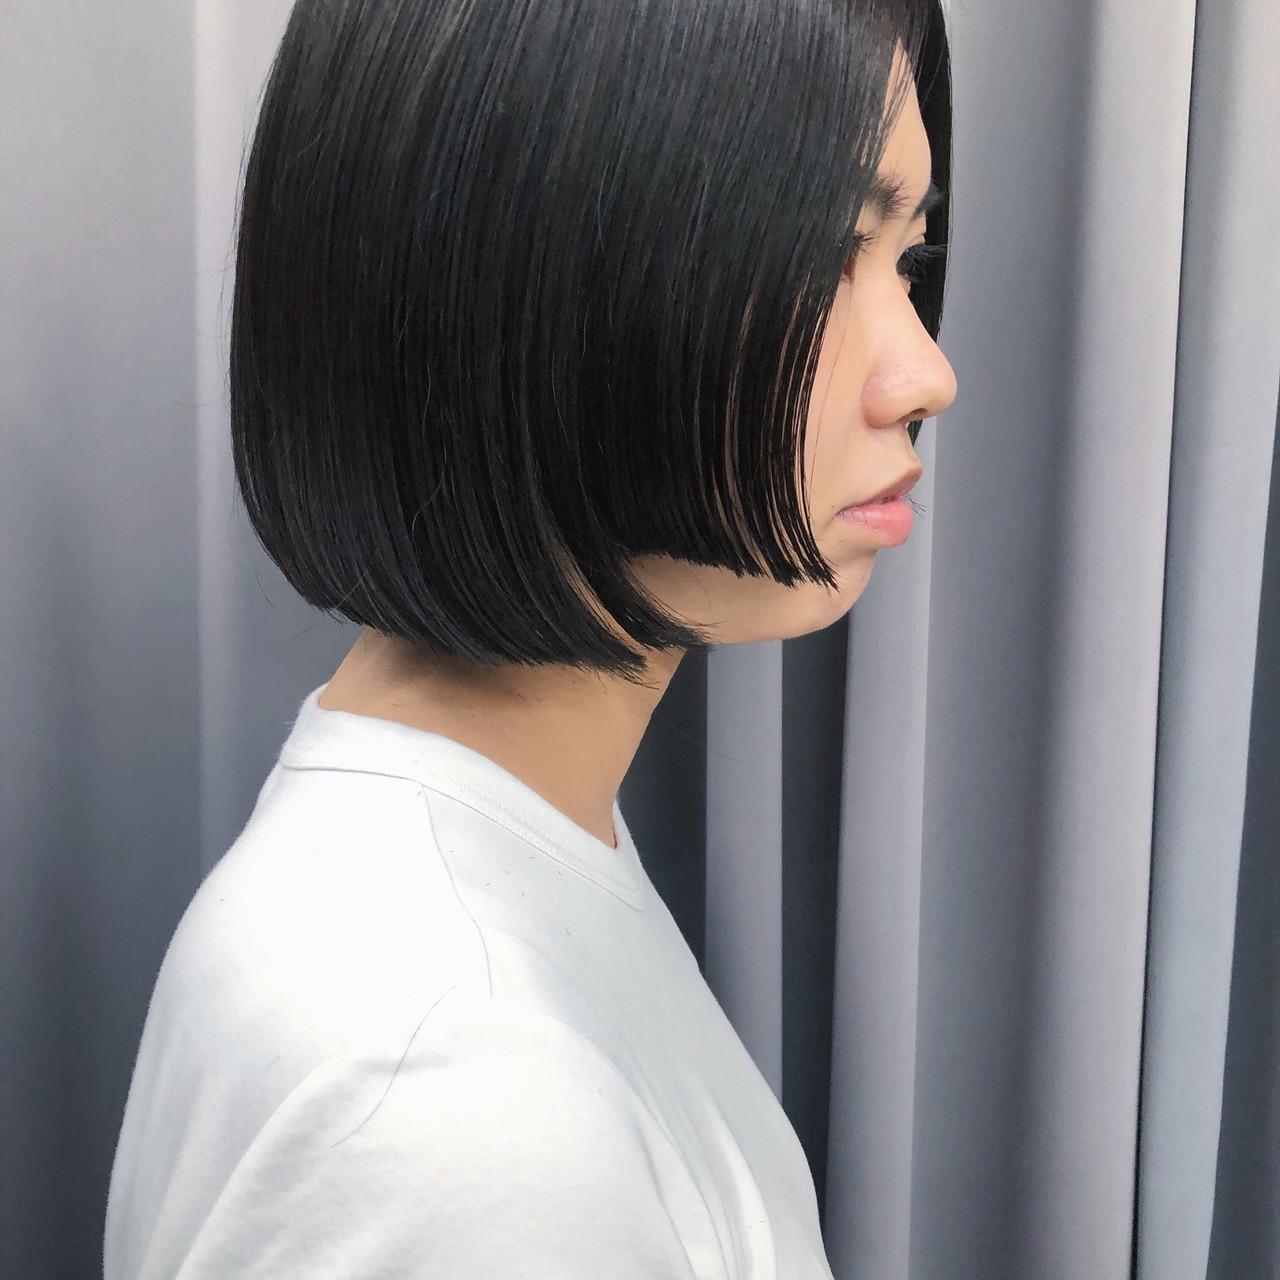 暗髪女子 暗髪 切りっぱなしボブ ボブヘアスタイルや髪型の写真・画像